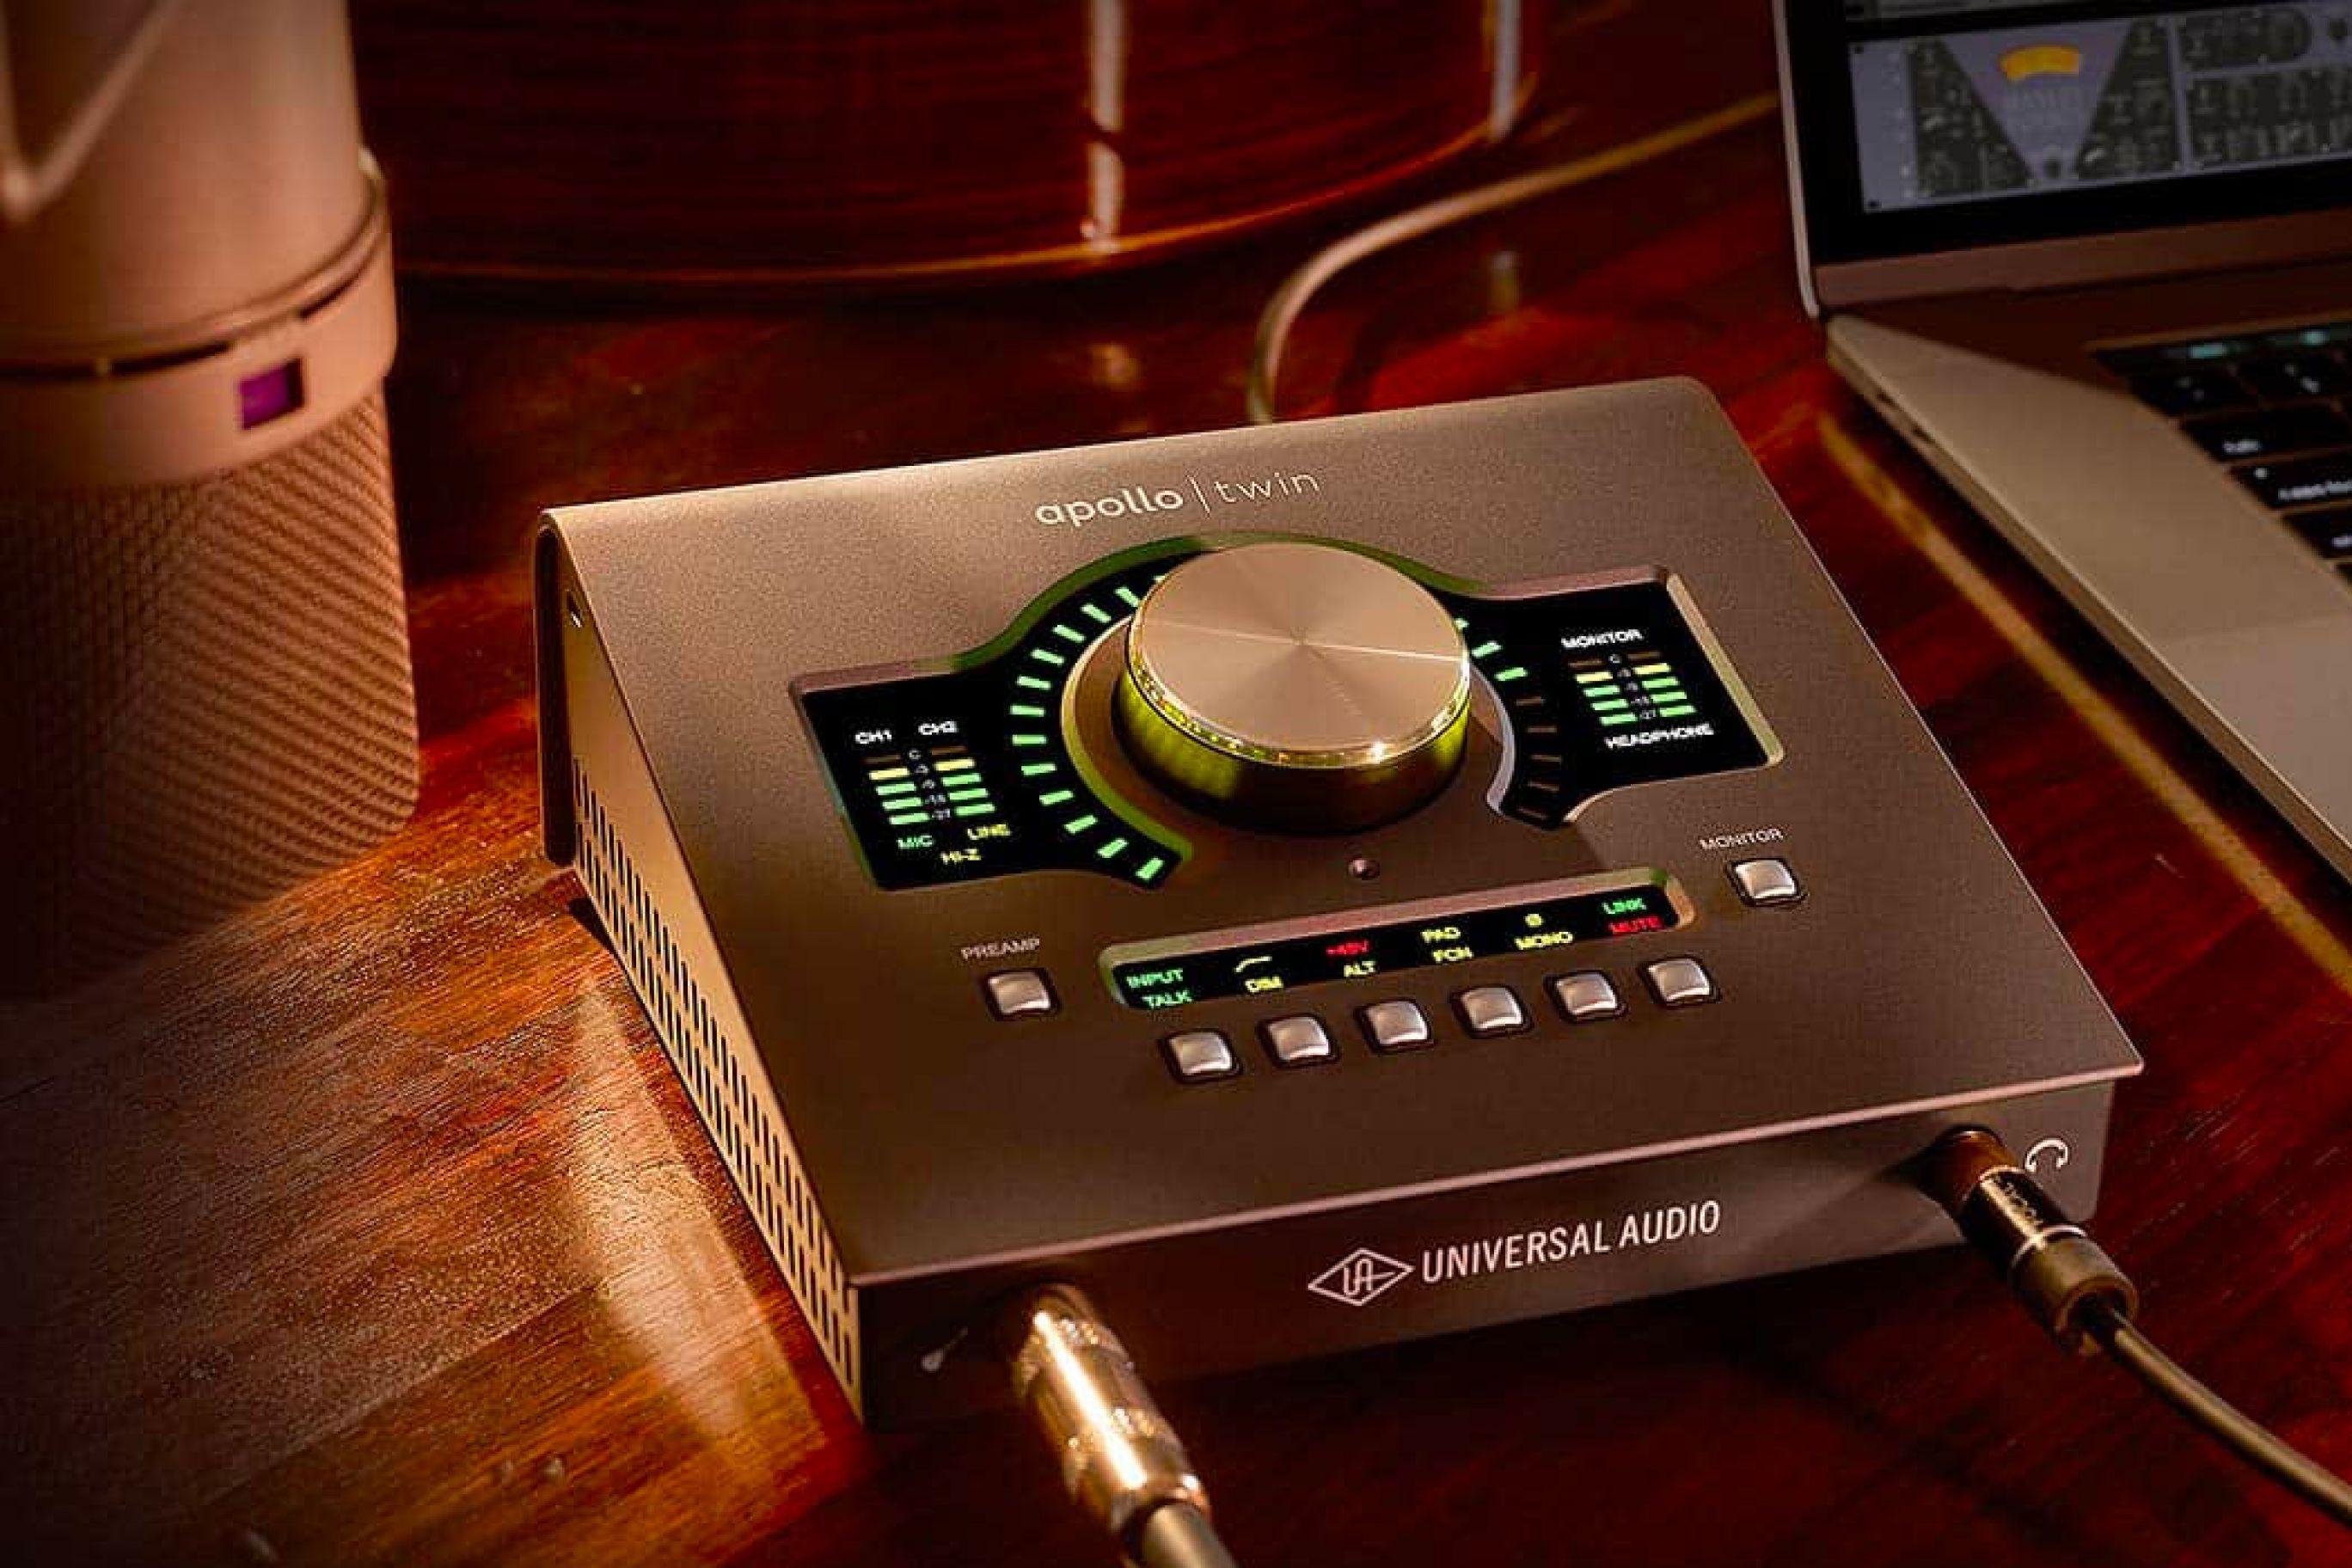 Universal Audio le migliori schede audio: prezzi e recensioni